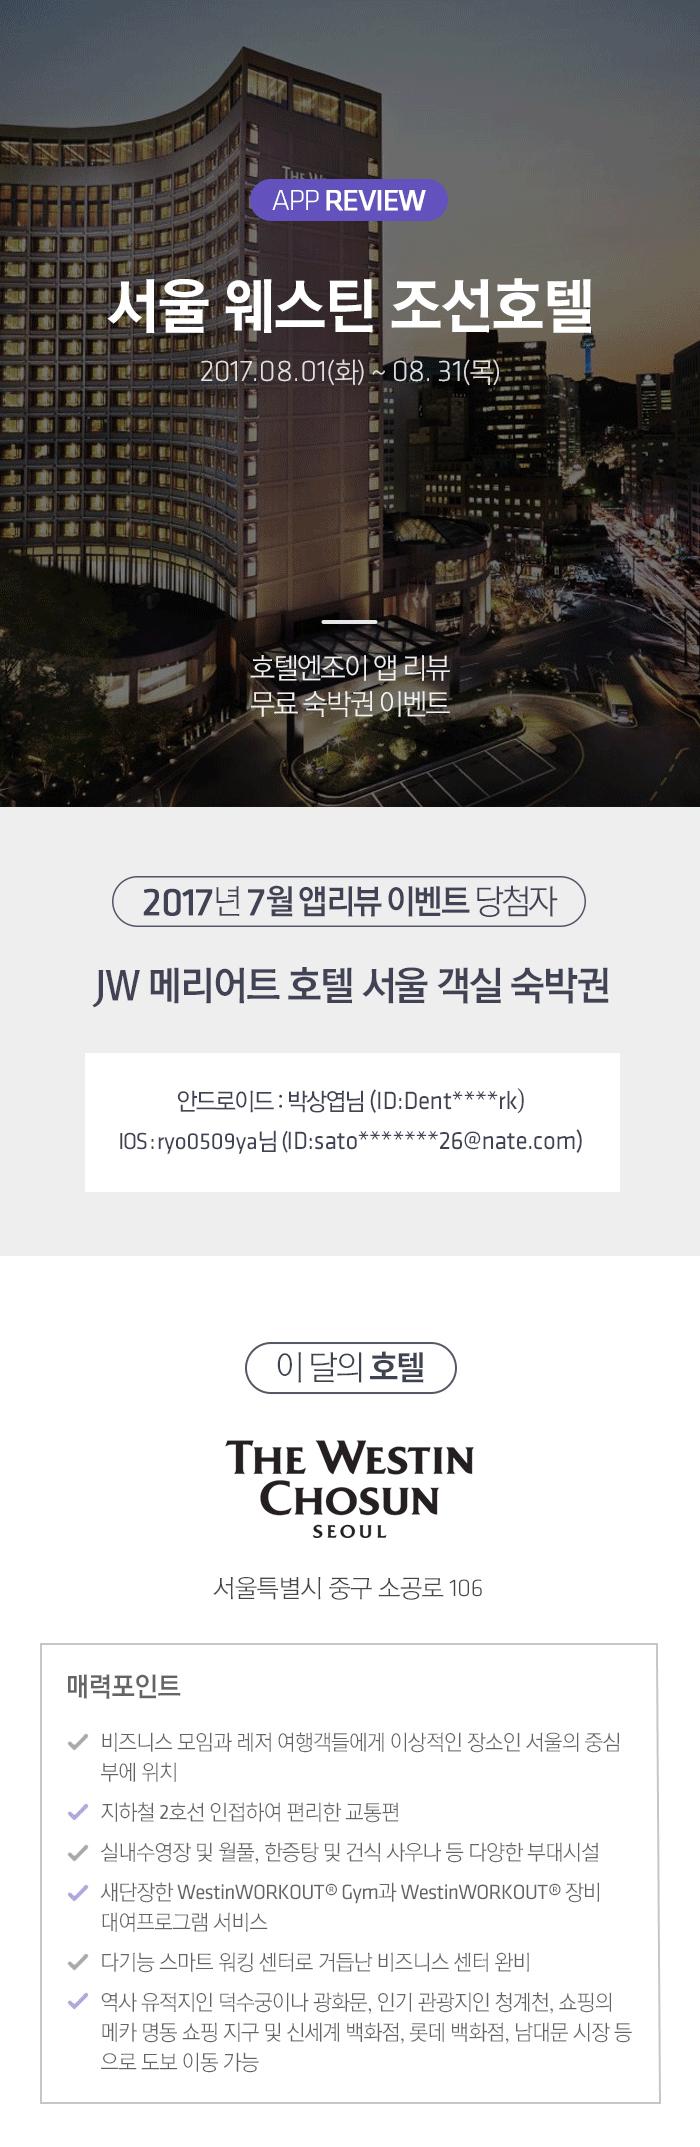 7월 앱리뷰 서울 웨스틴 조선호텔